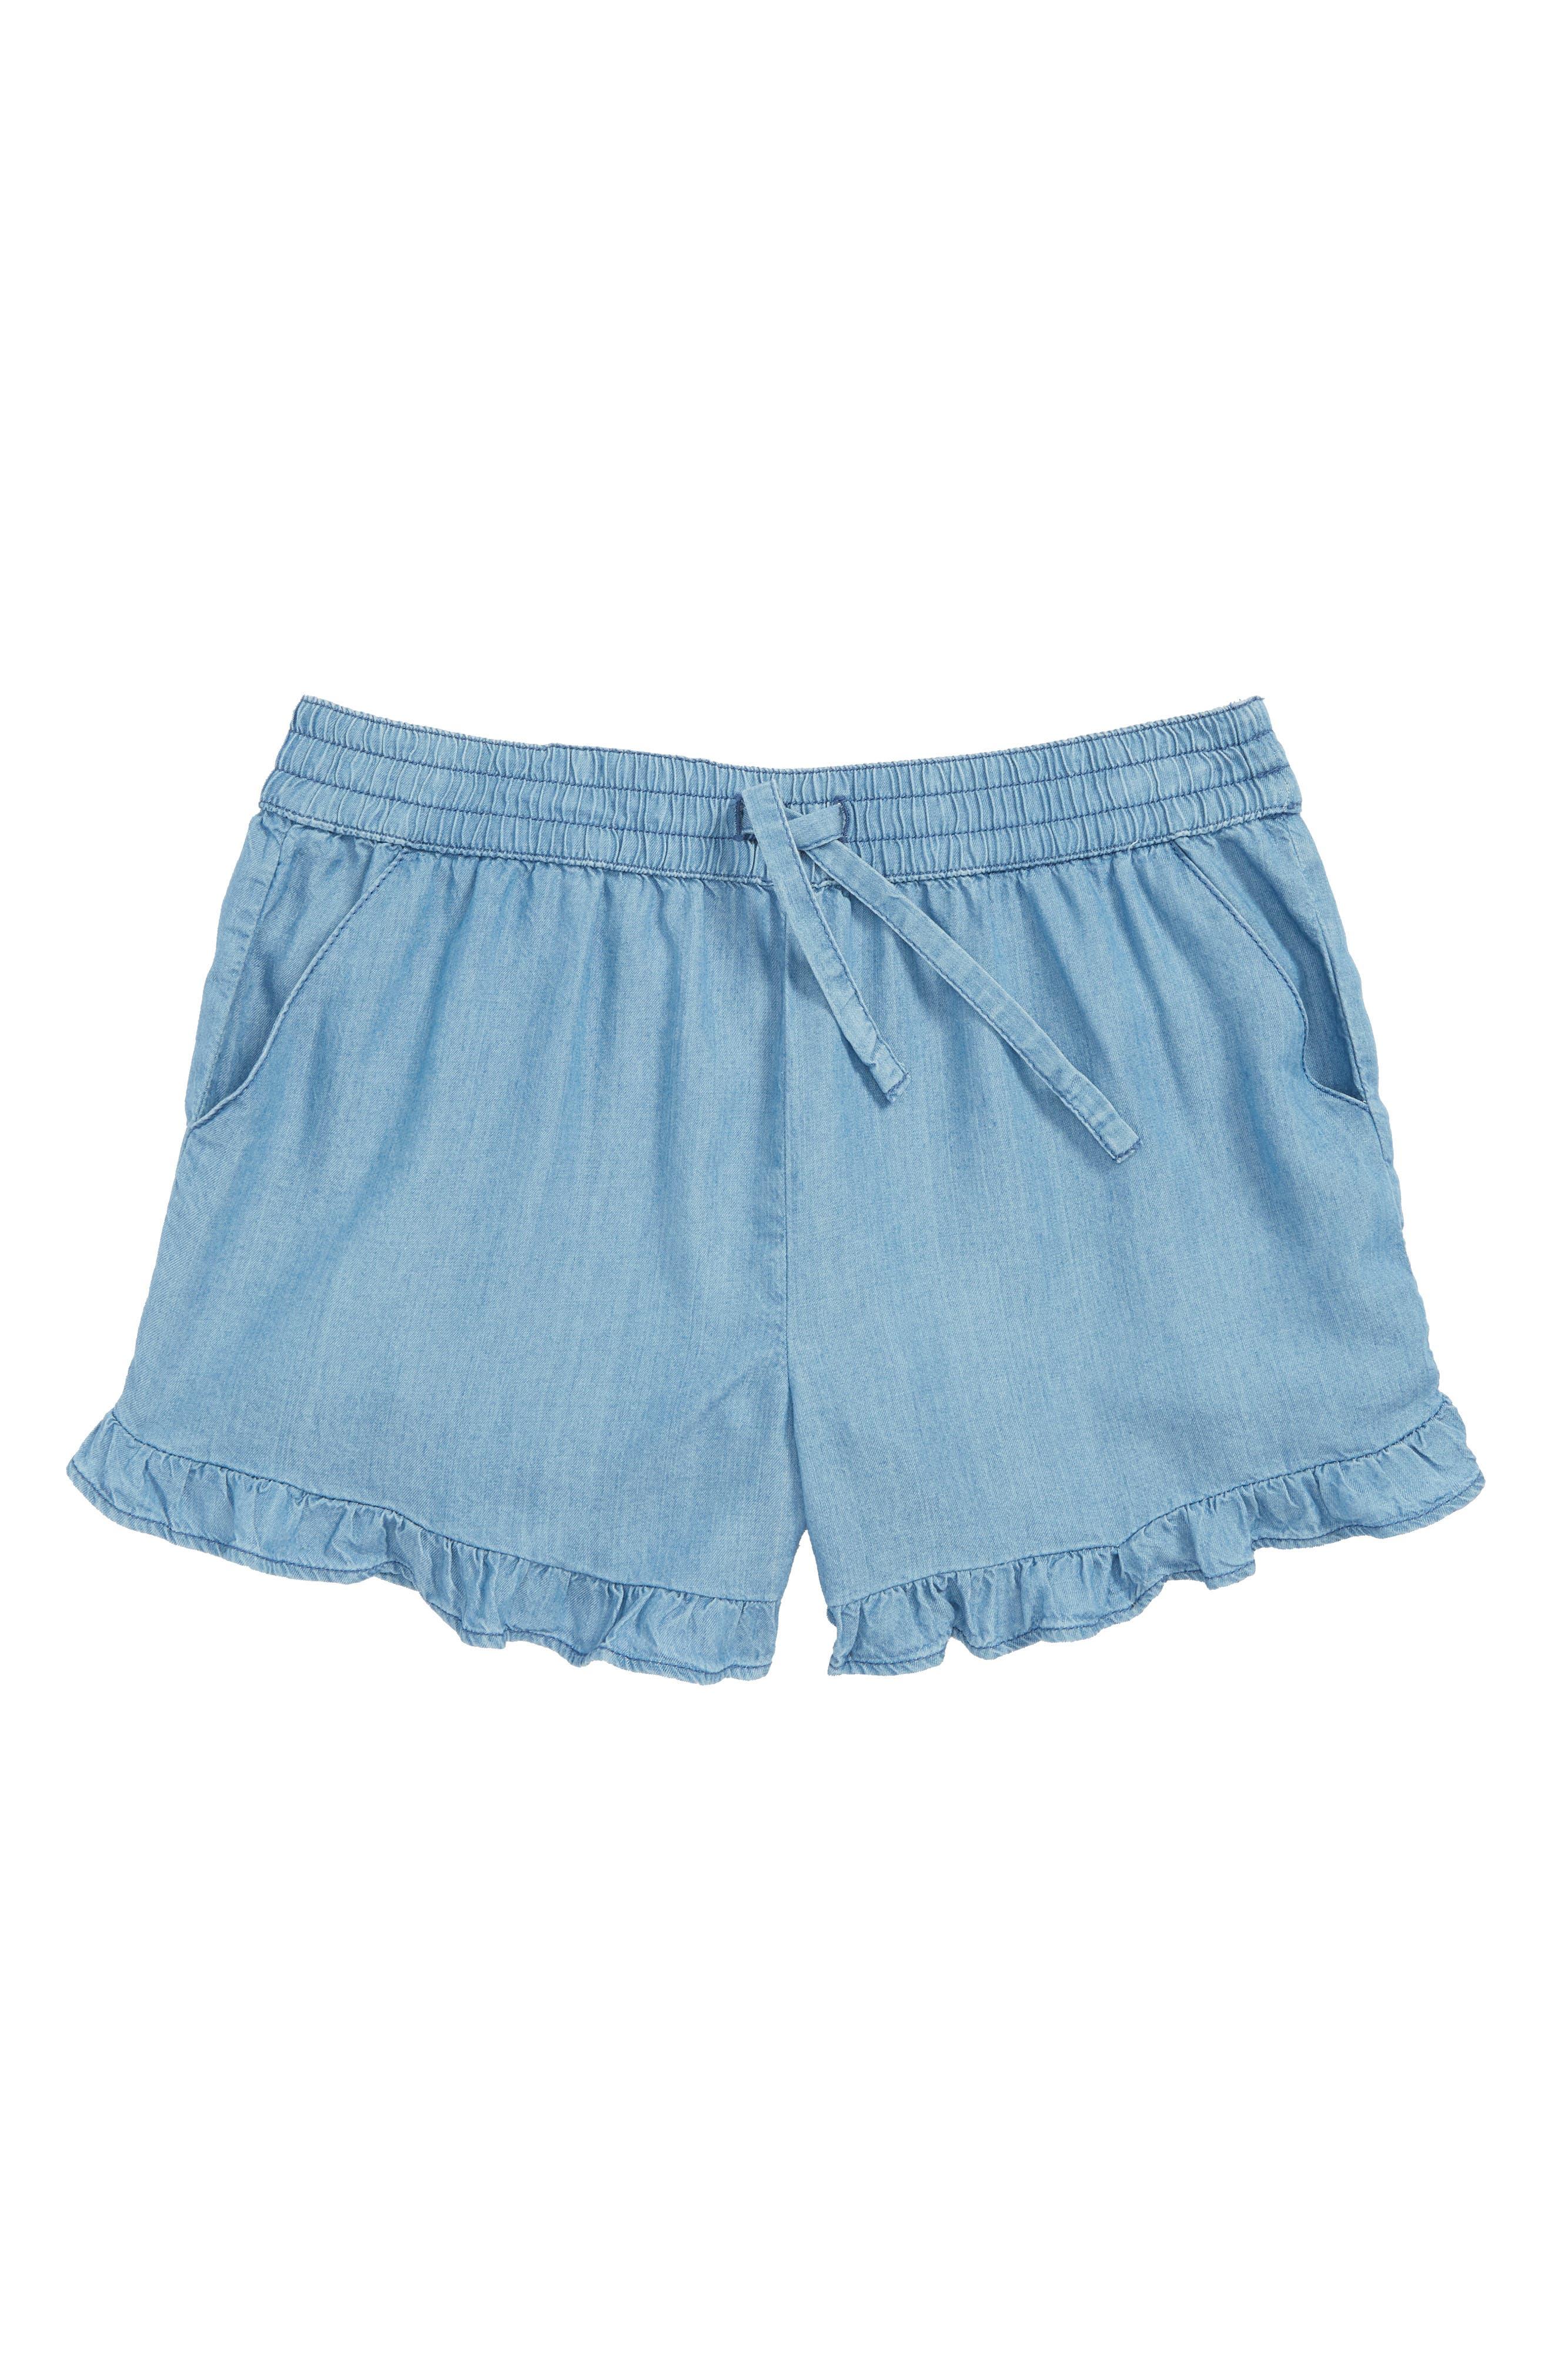 Ruffle Chambray Shorts,                         Main,                         color, 420